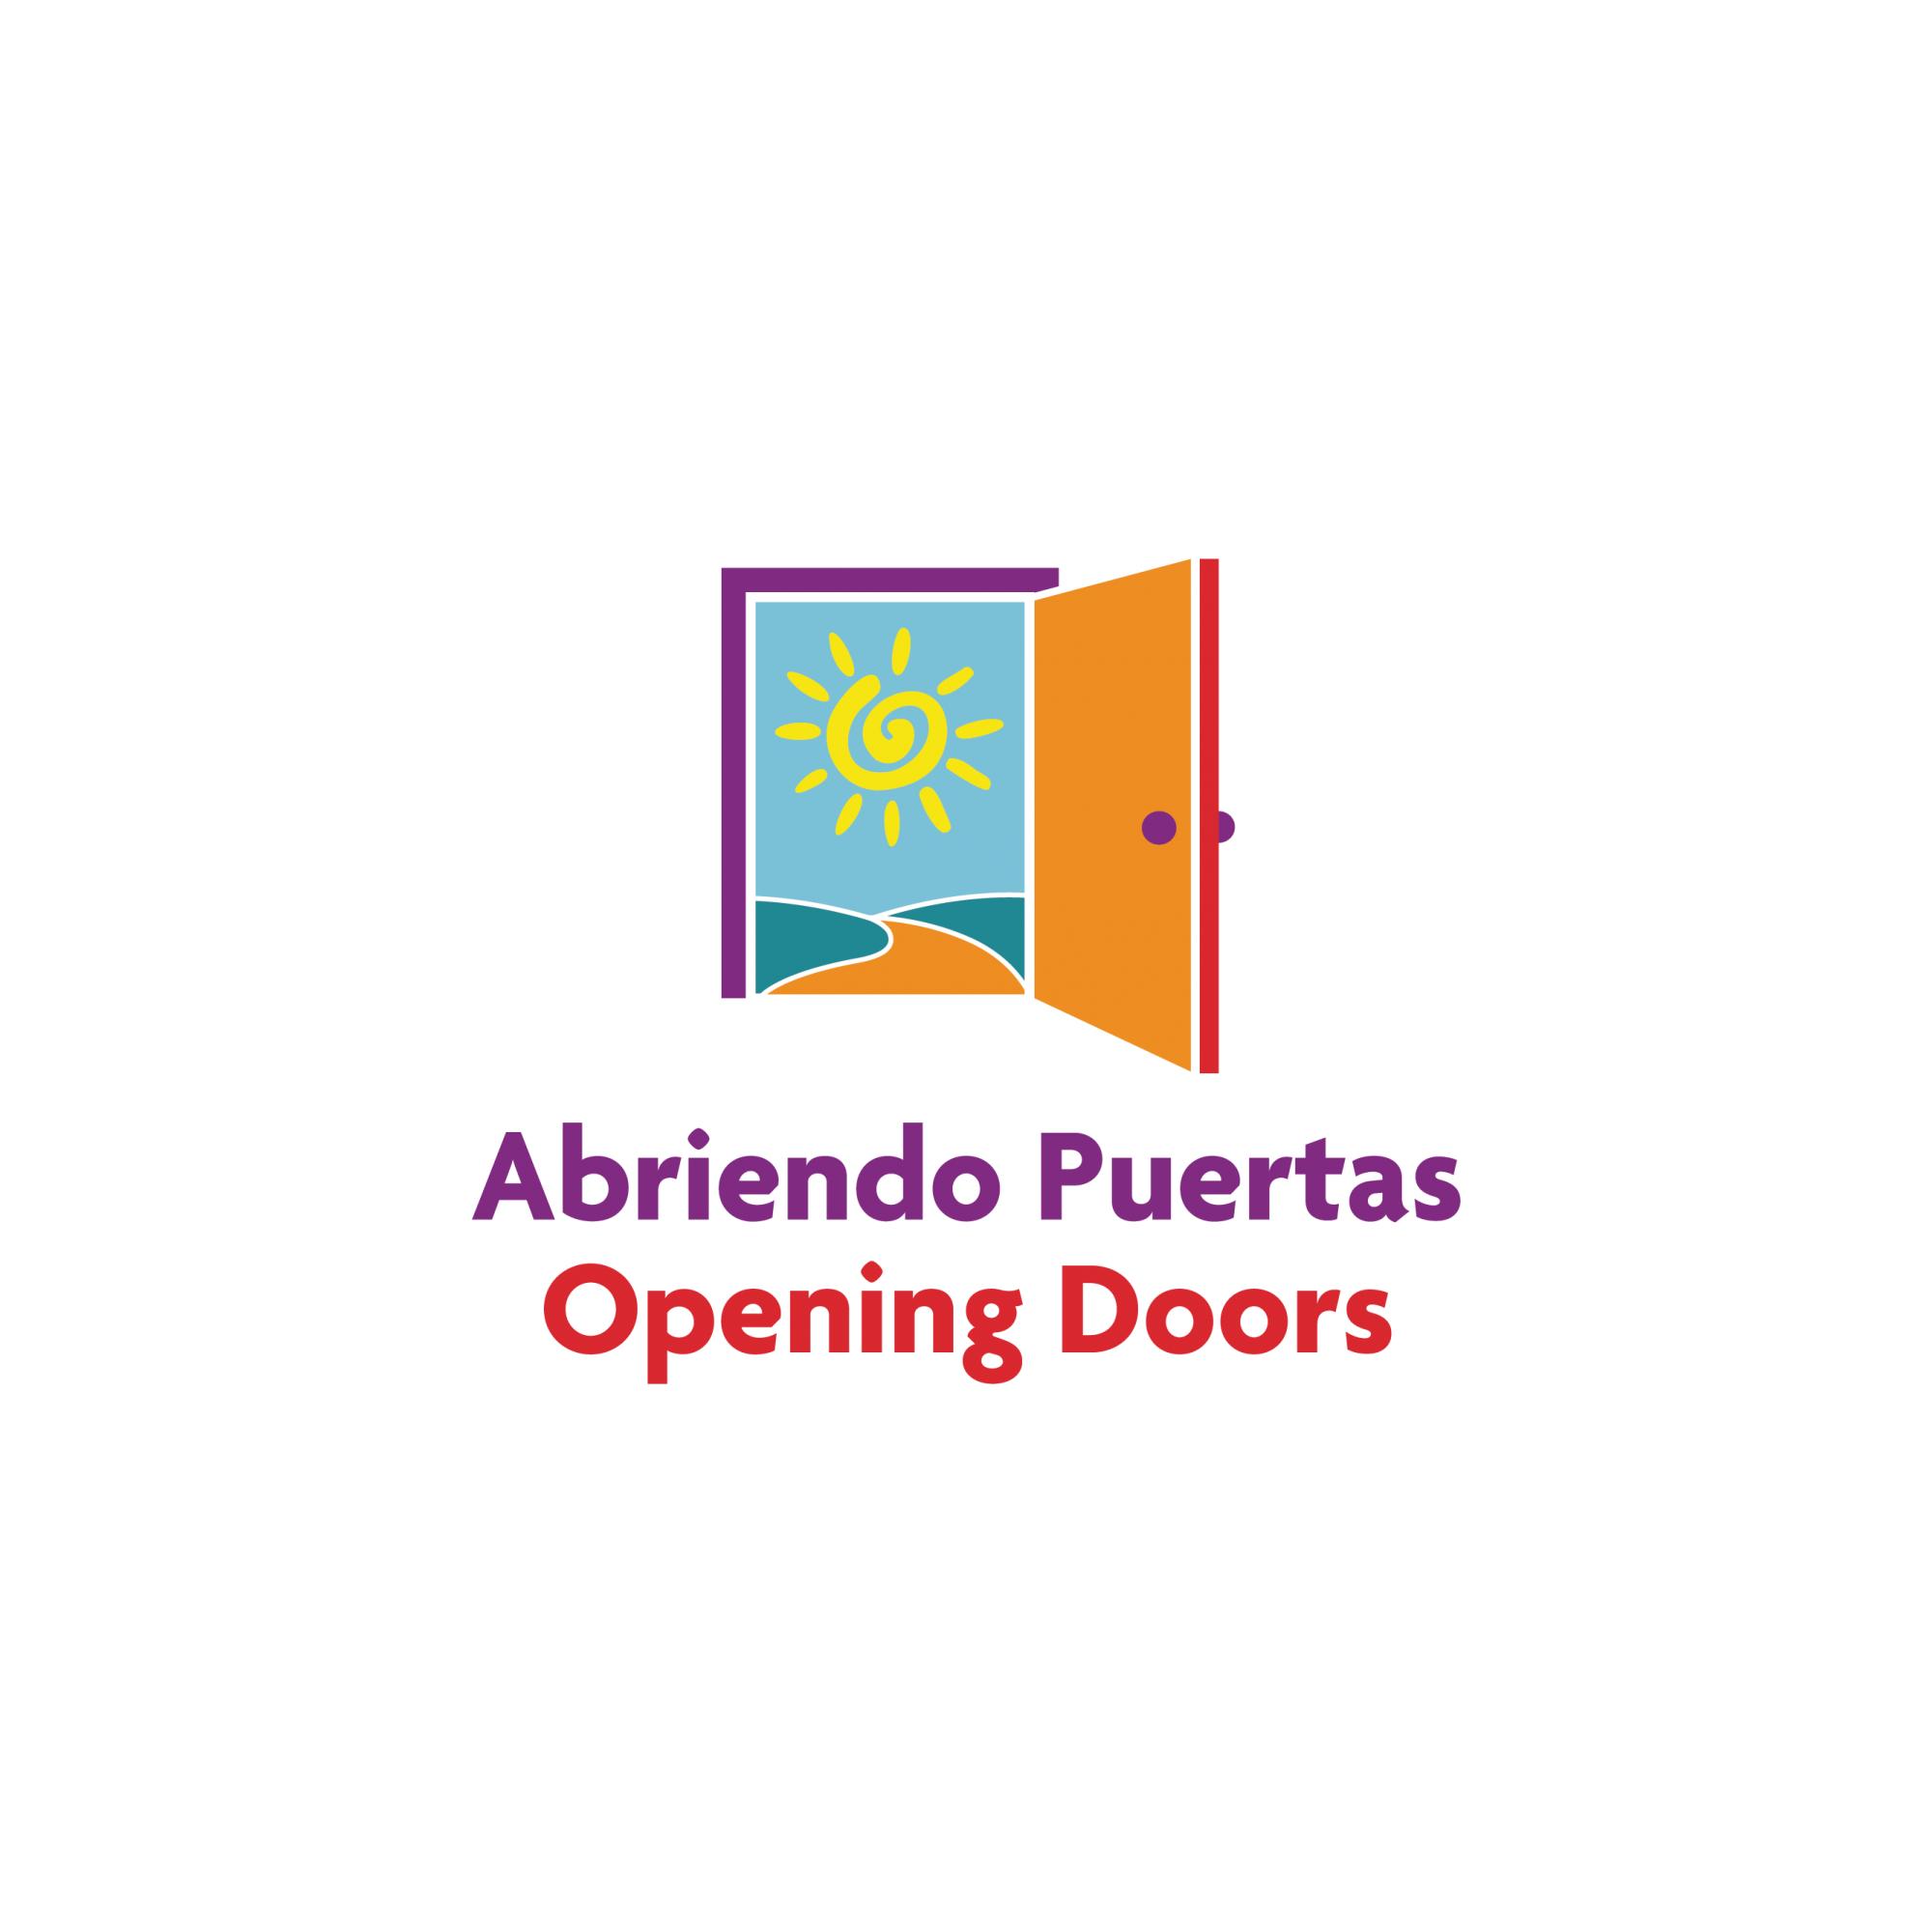 5 đầu tiên LA và Abriendo Puertas Khởi động Quan hệ Đối tác Chiến lược Mới để Tăng cường Chăm sóc và Giáo dục Sớm cho Các Gia đình Latinh ở L